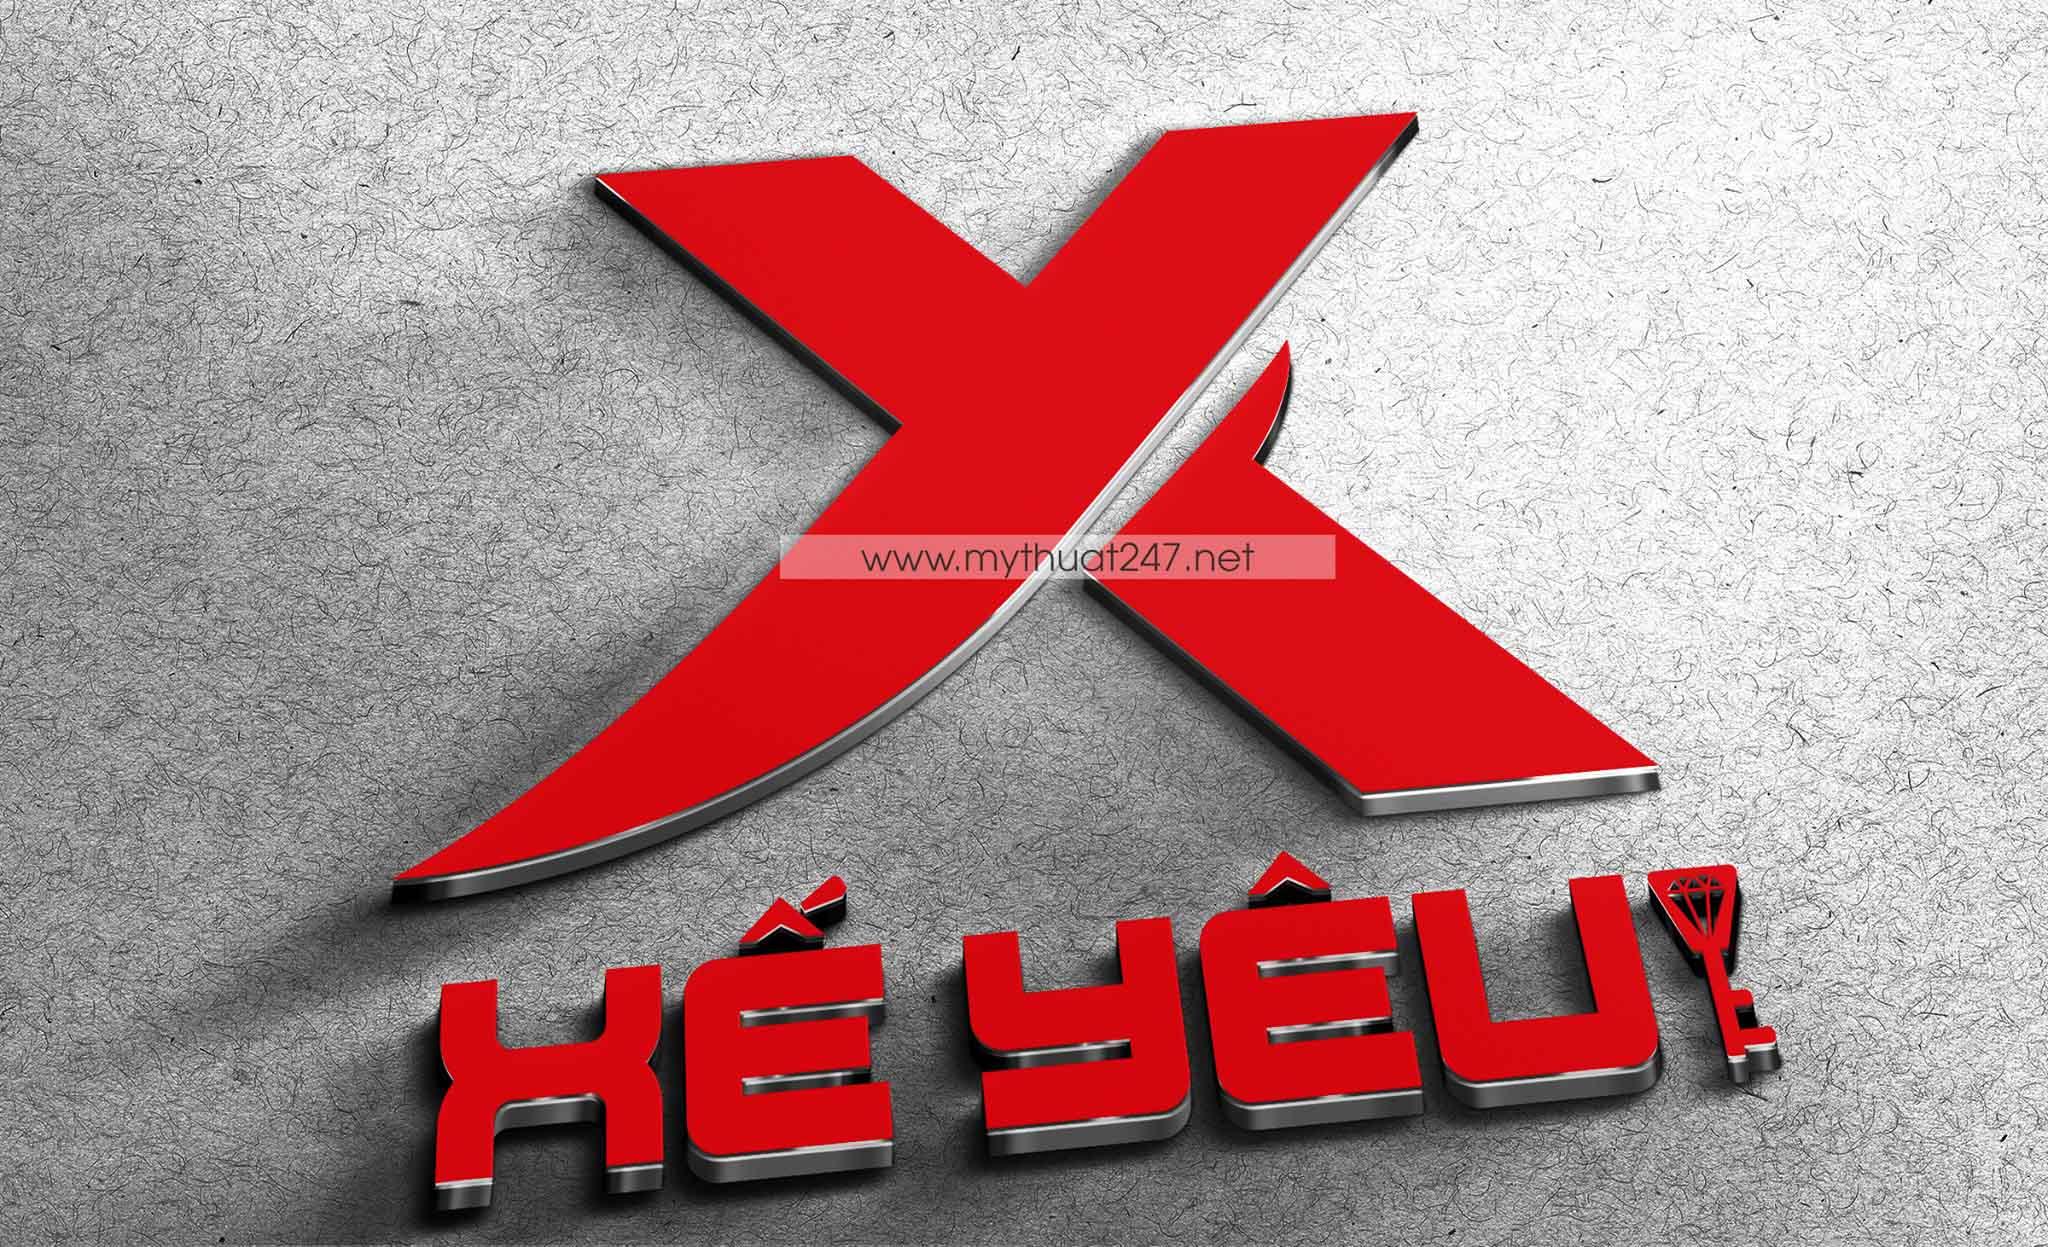 Thiết kế logo xế yêu